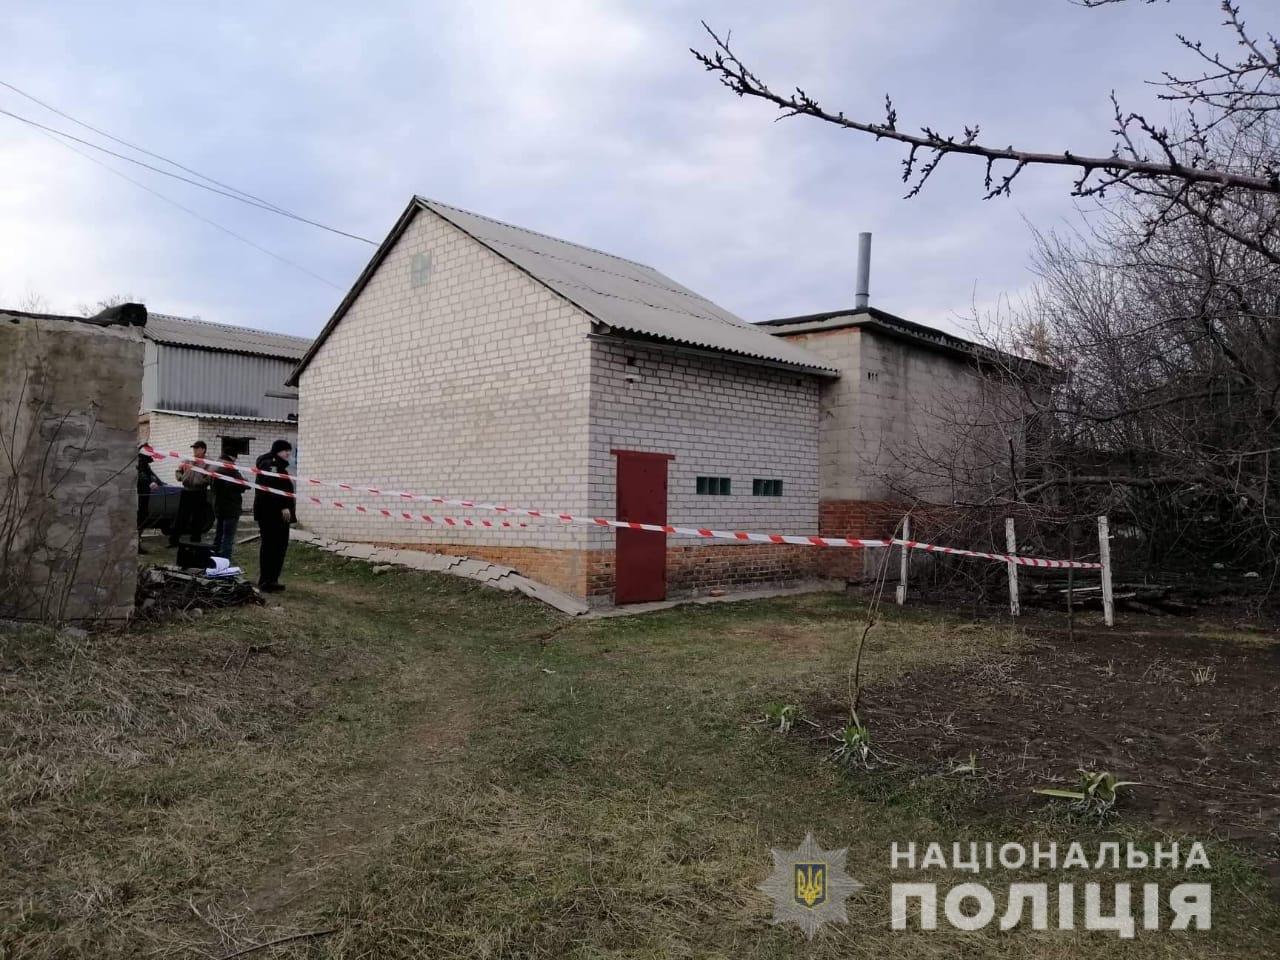 На Харьковщине неизвестный пытался убить мужчину, кинув в него гранату, - ФОТО, фото-1